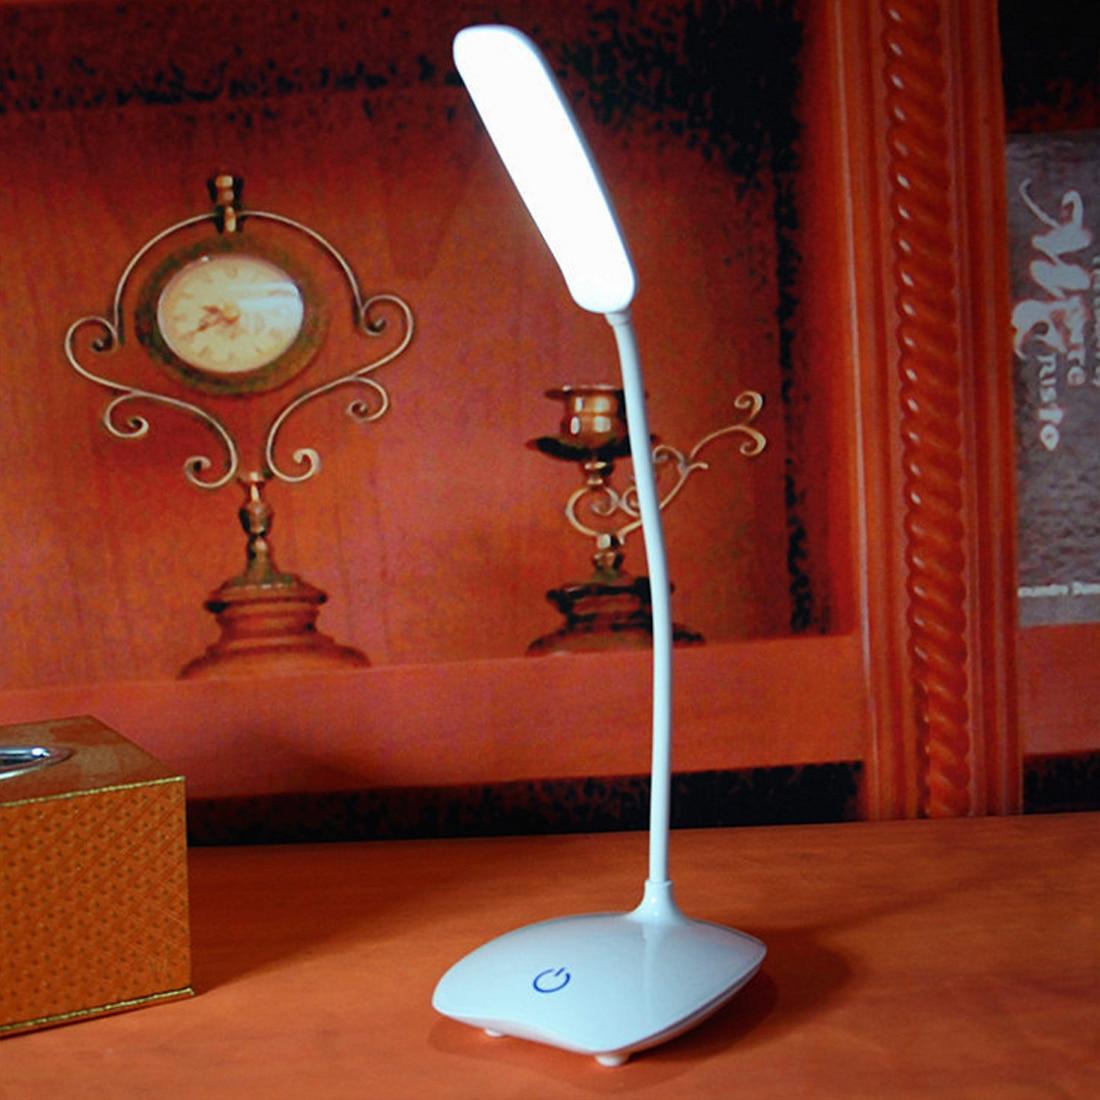 [해외]Usb 충전식 led 책상 테이블 램프 조정 가능한 강도 독서 빛 터치 스위치 책상 램프 책상 램프/Usb 충전식 led 책상 테이블 램프 조정 가능한 강도 독서 빛 터치 스위치 책상 램프 책상 램프